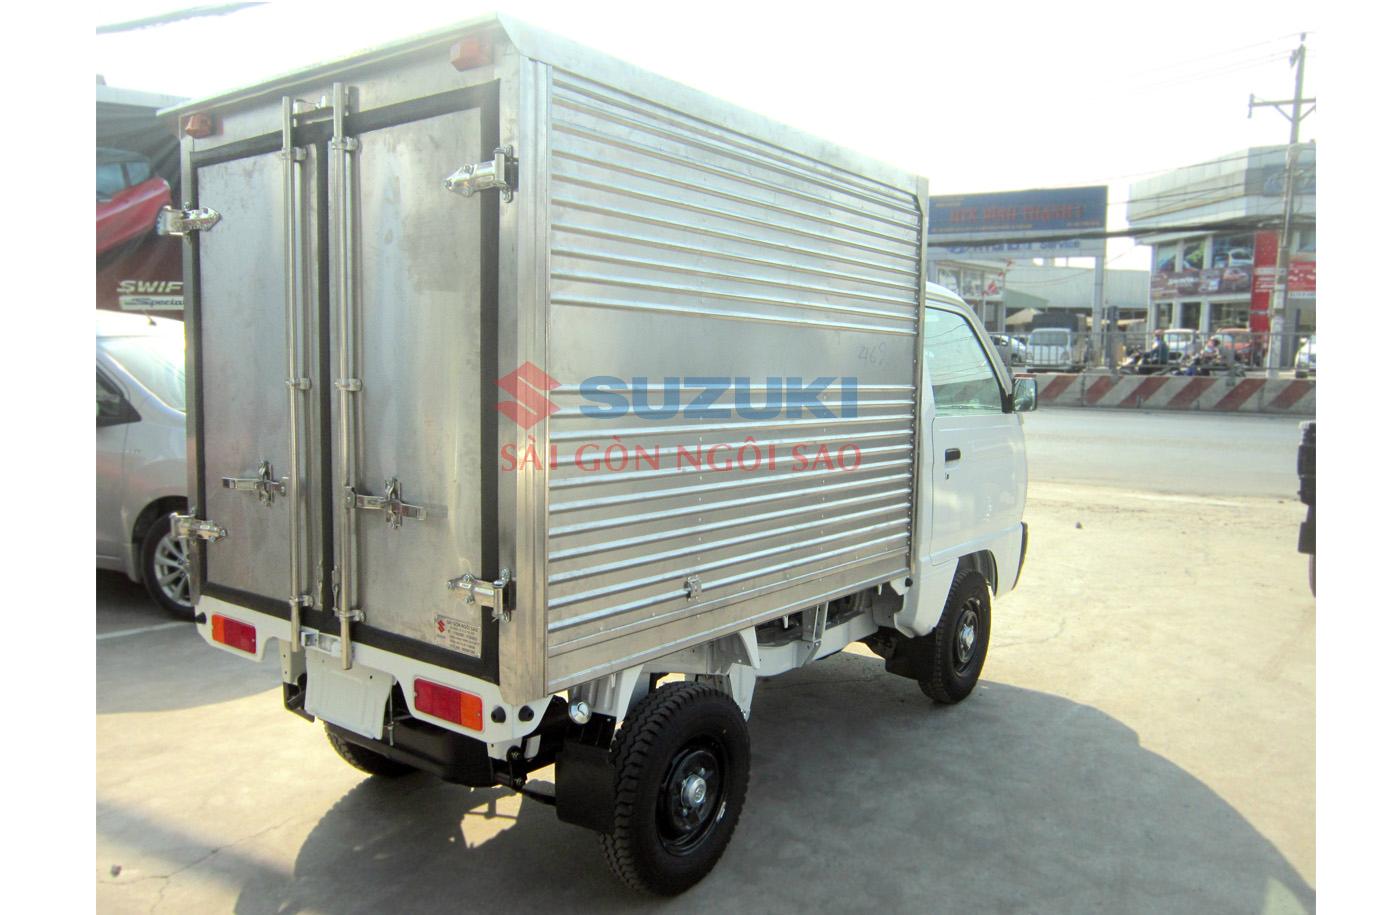 suzuki_truck_500kg_2